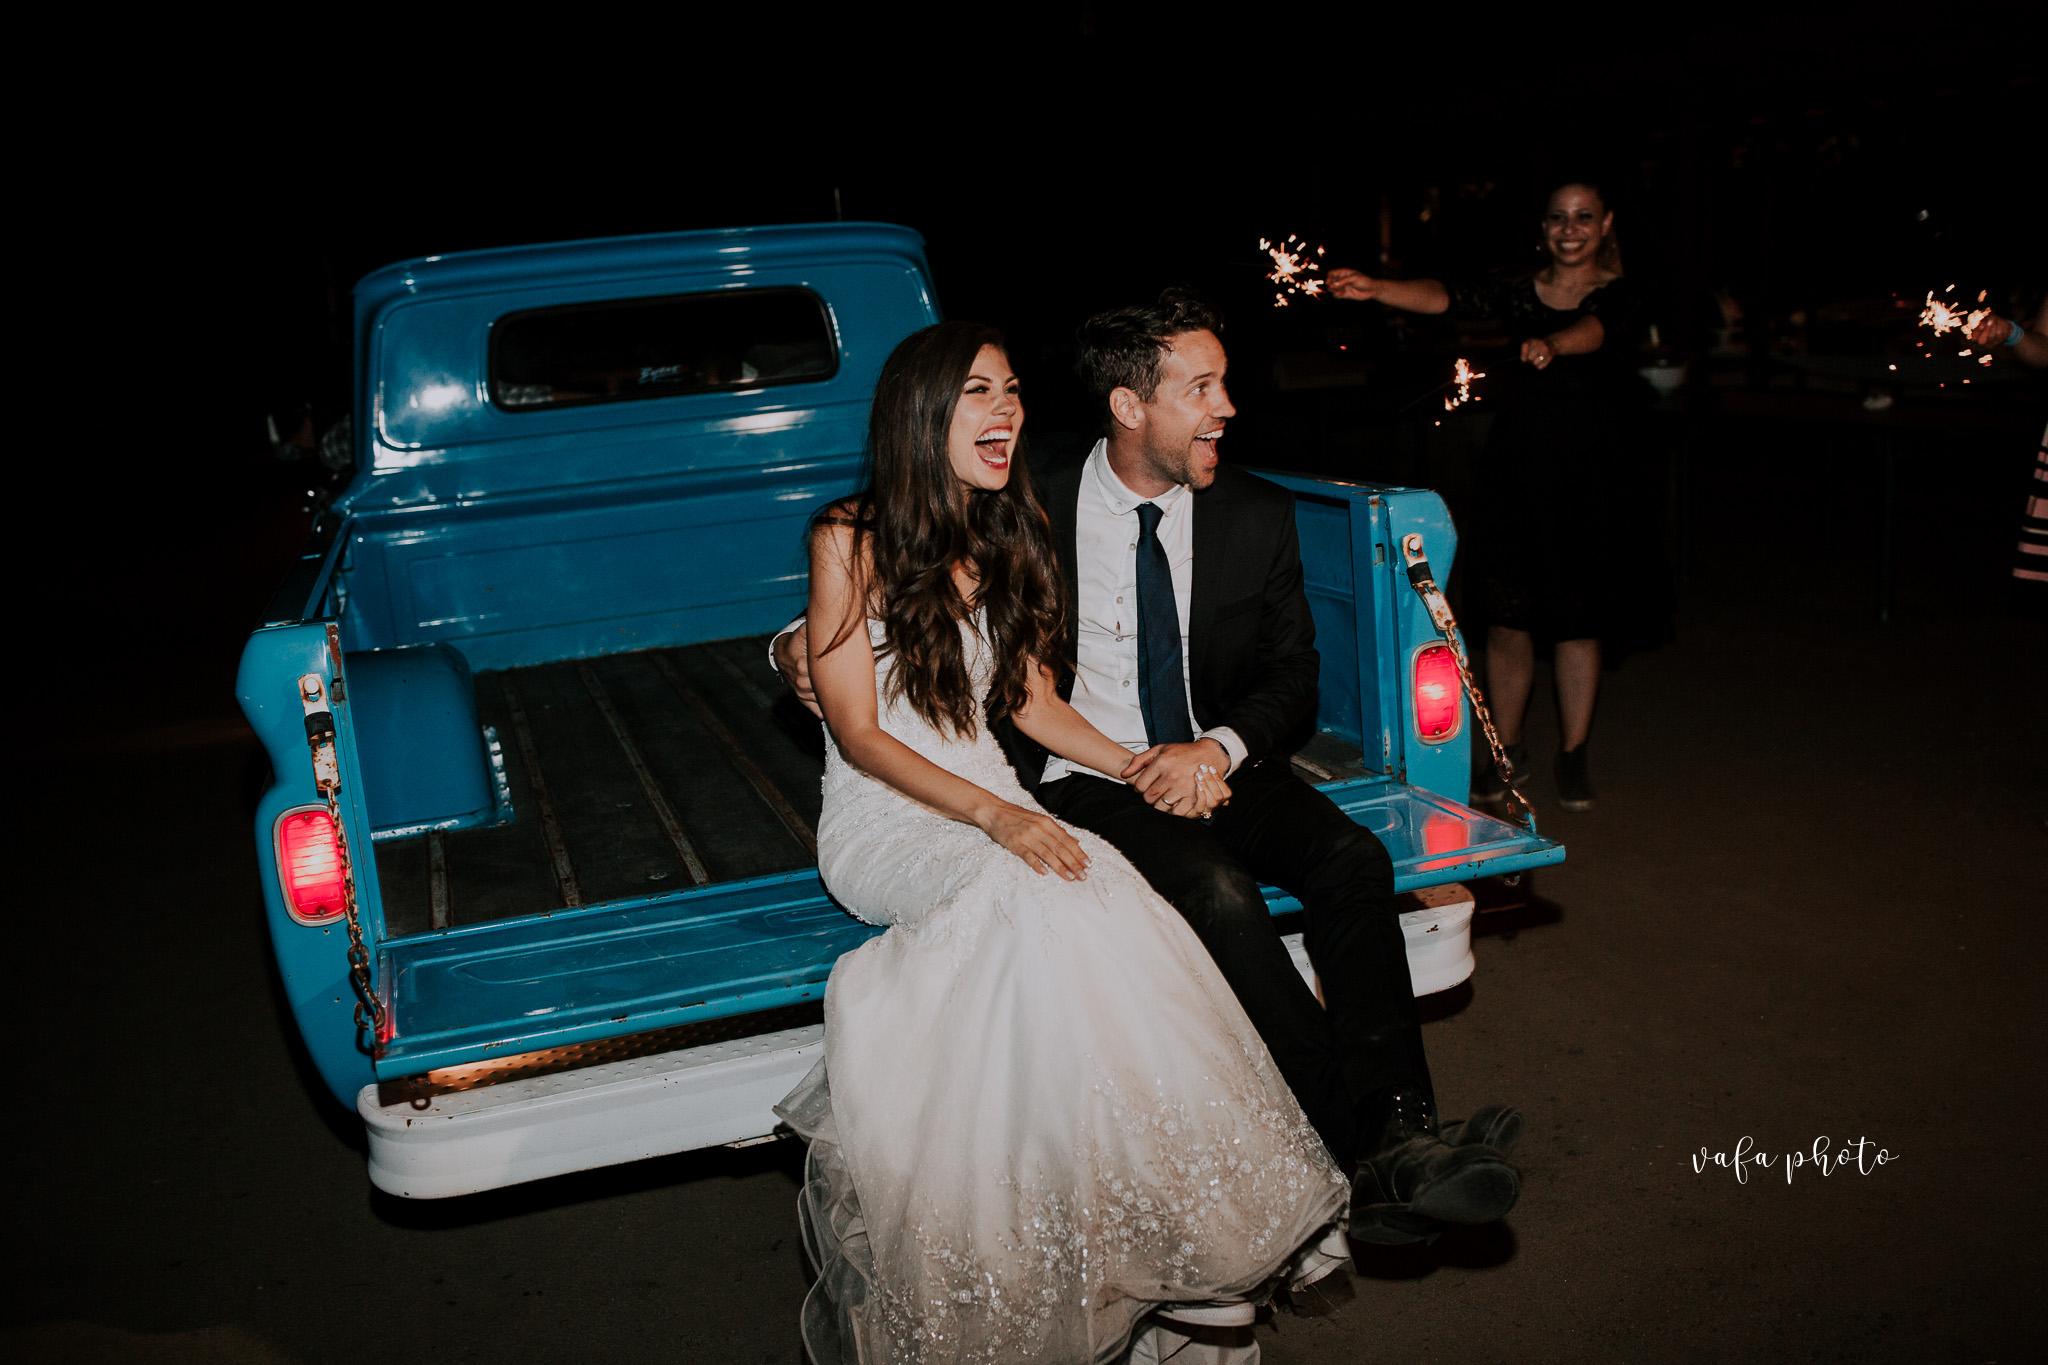 Southern-California-Wedding-Britt-Nilsson-Jeremy-Byrne-Vafa-Photo-1141.jpg